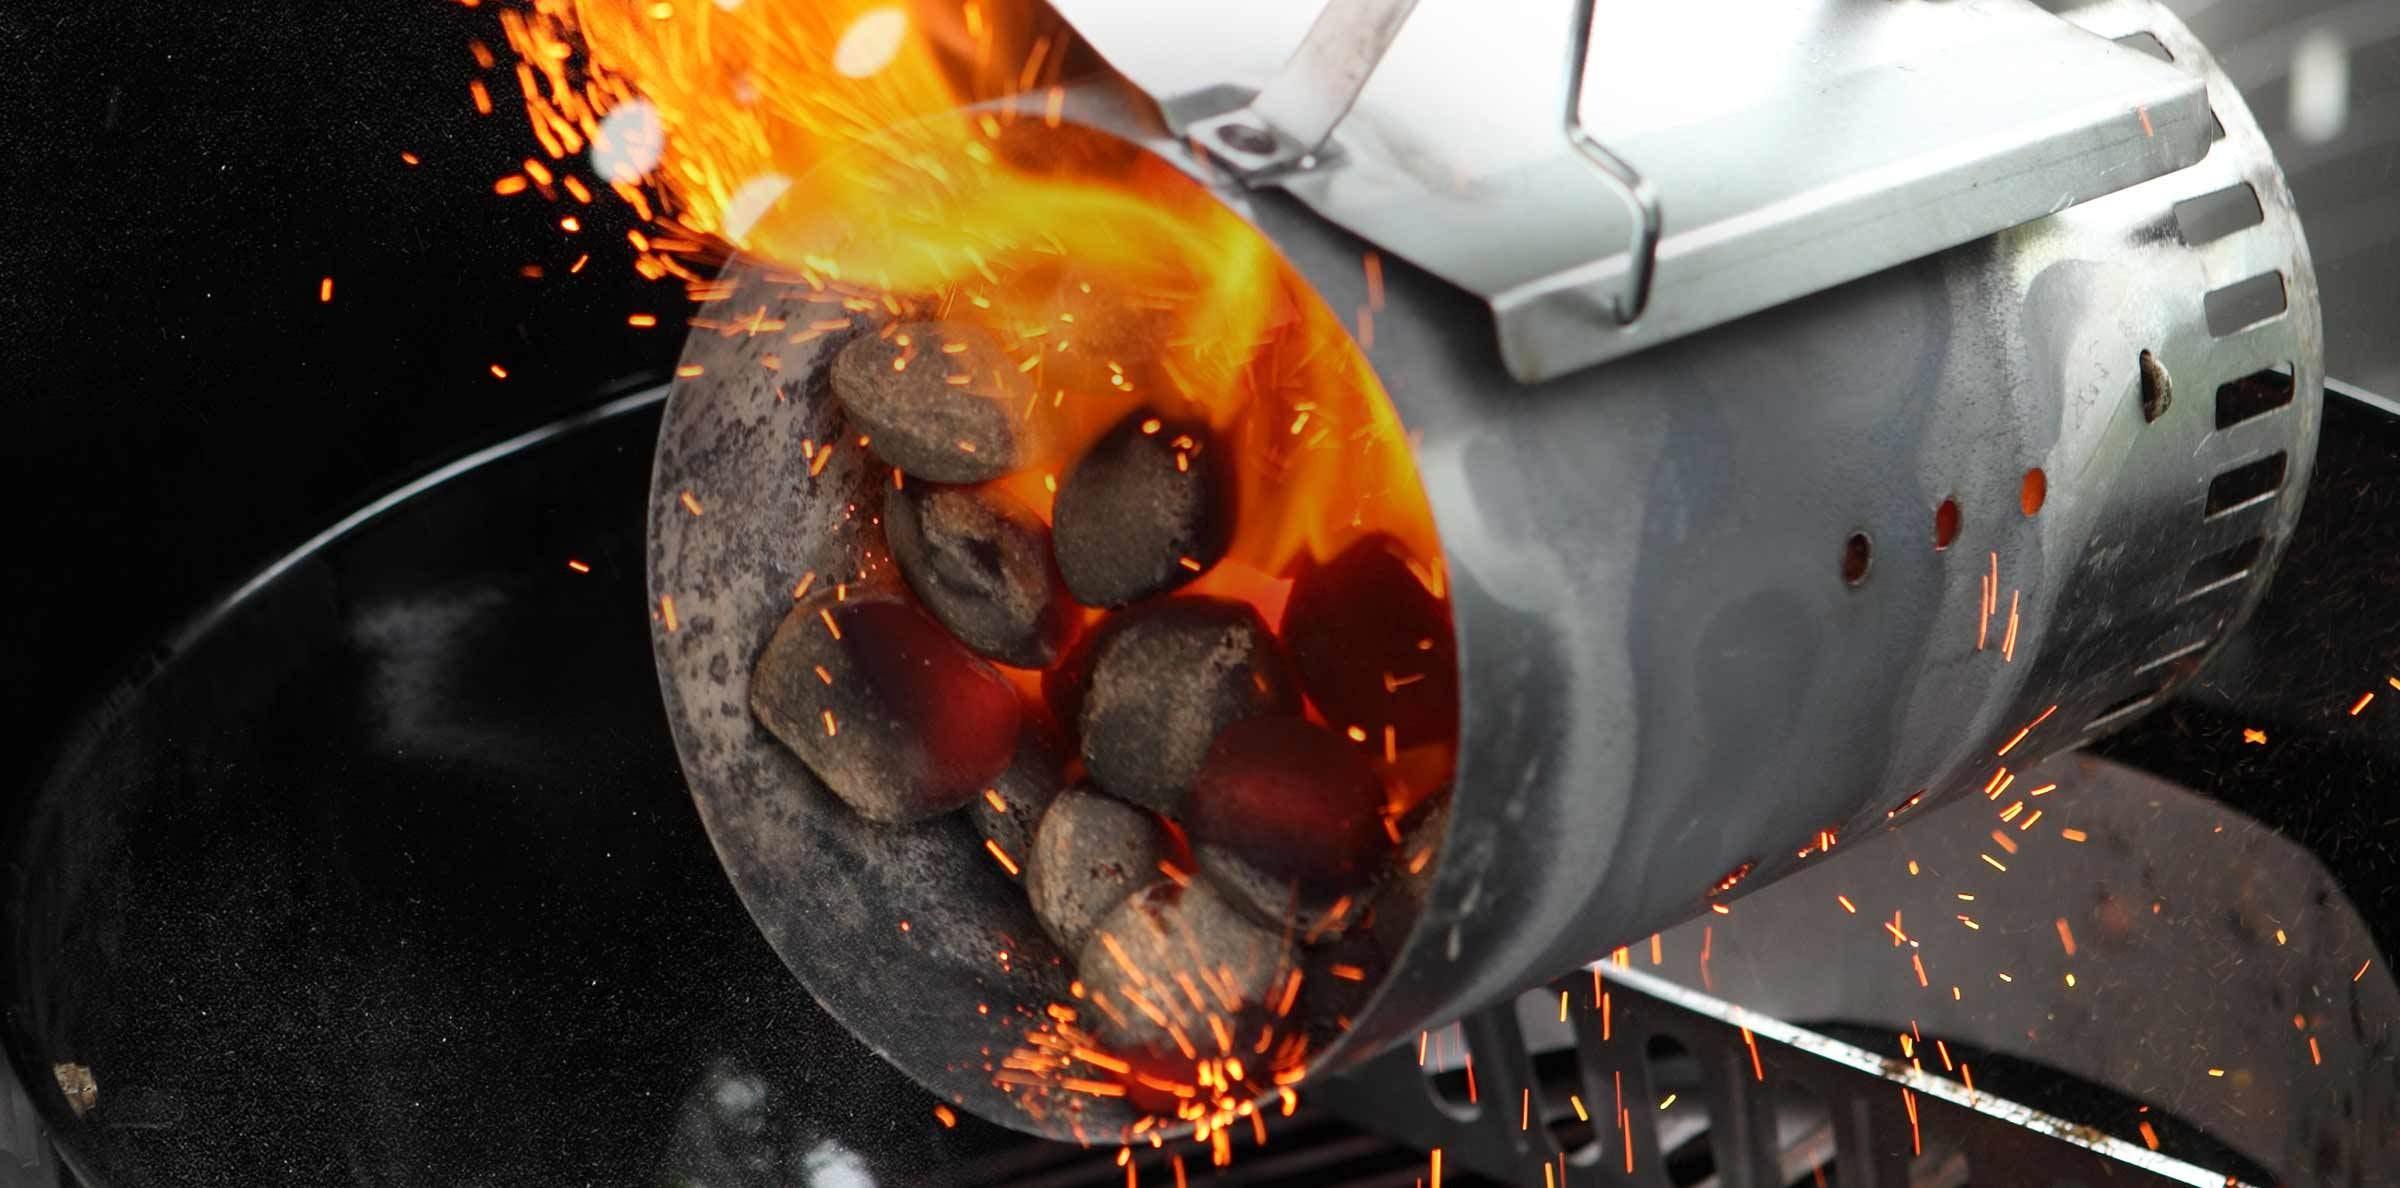 Palo täydellisiin grillaushetkiin